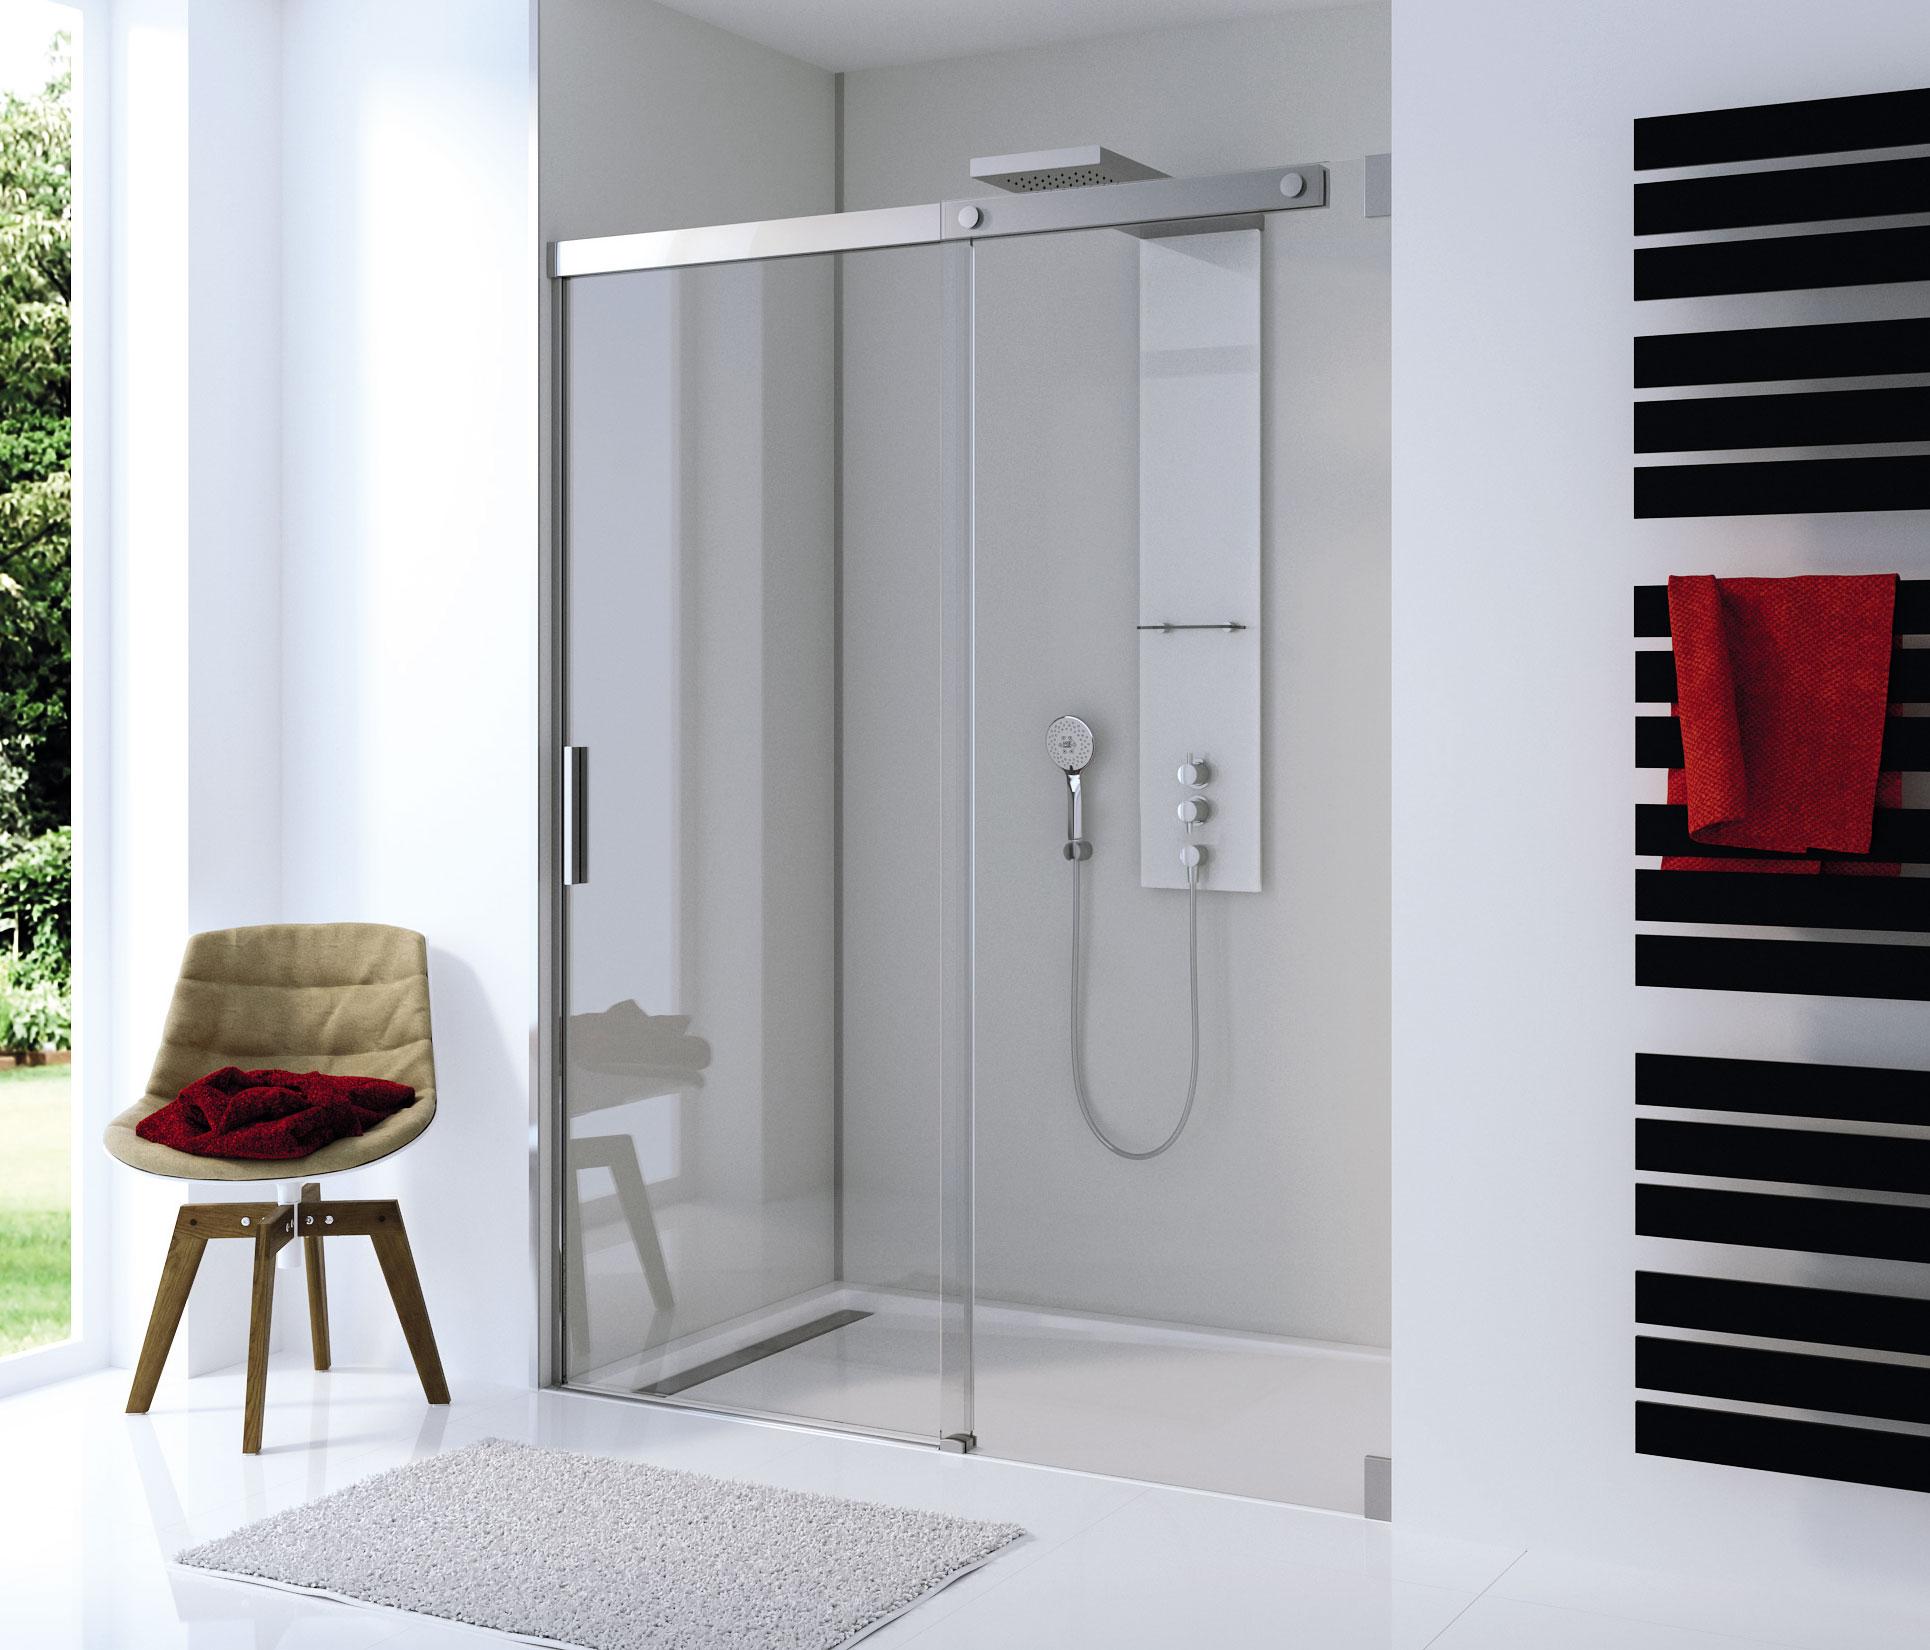 Douchewand van HSK van edelglas voor extra comfort in de badkamer. Via Sanidrome